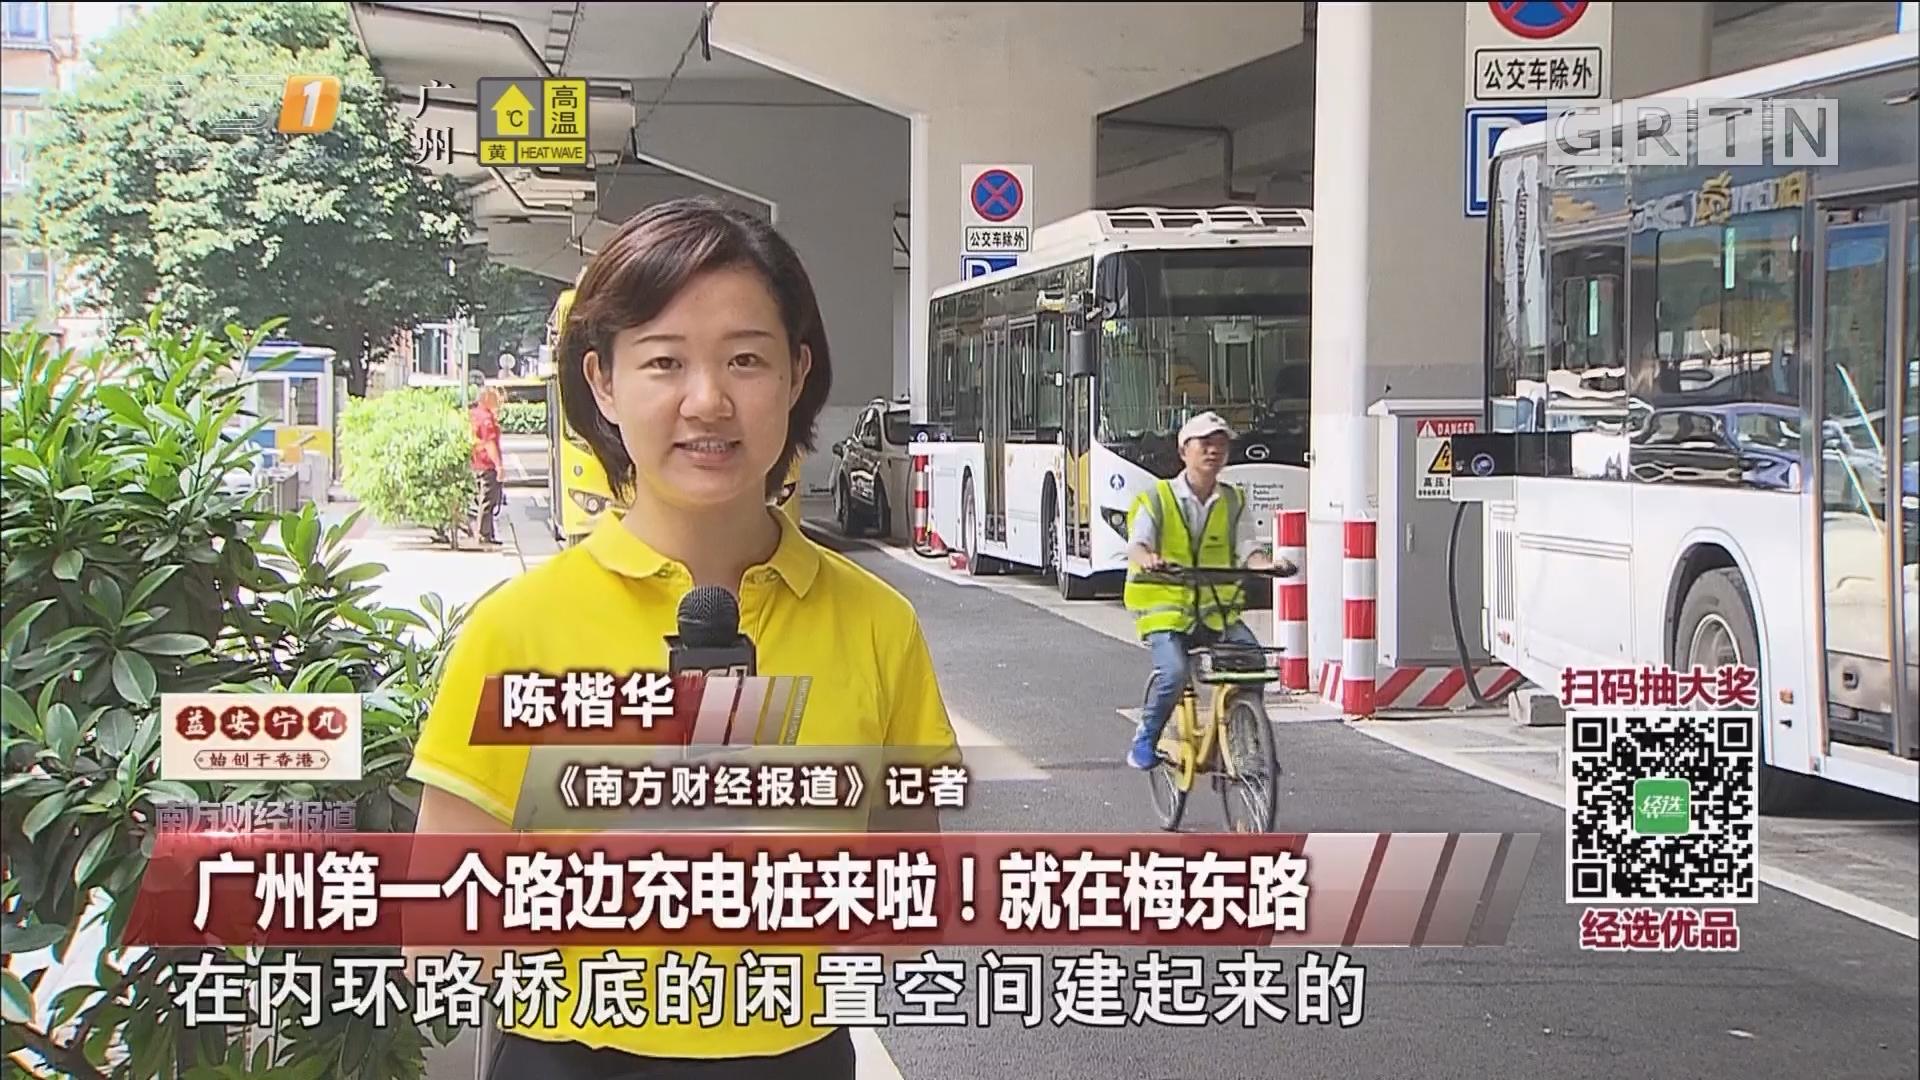 广州第一个路边充电桩来啦!就在梅东路